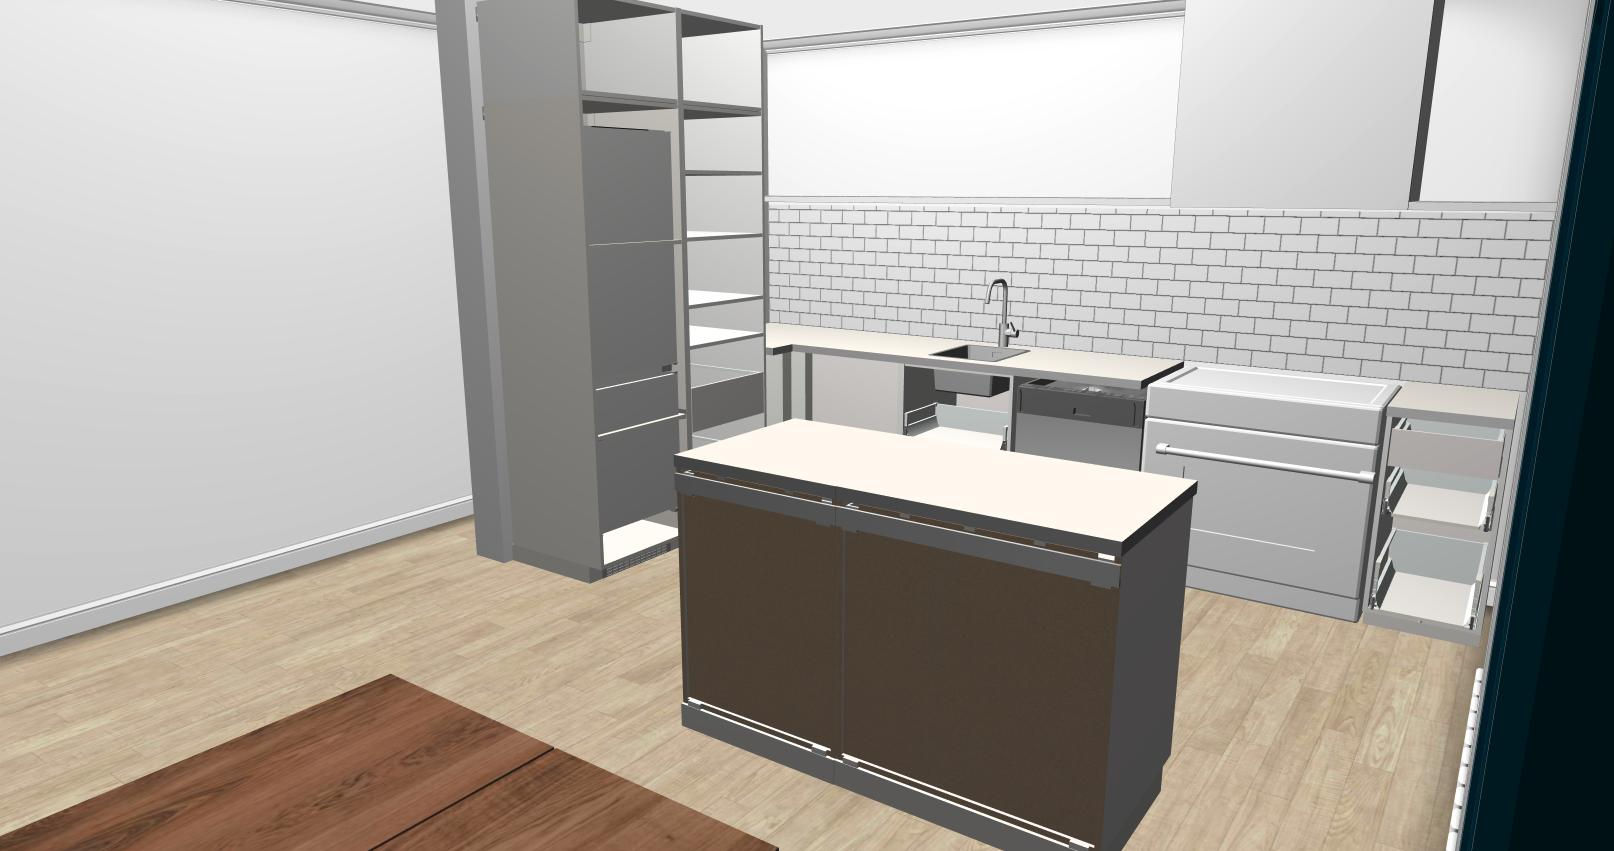 Keuken Montage Ikea Keuken L Vorm Klein Werk Eiland Aanrecht Werkspot